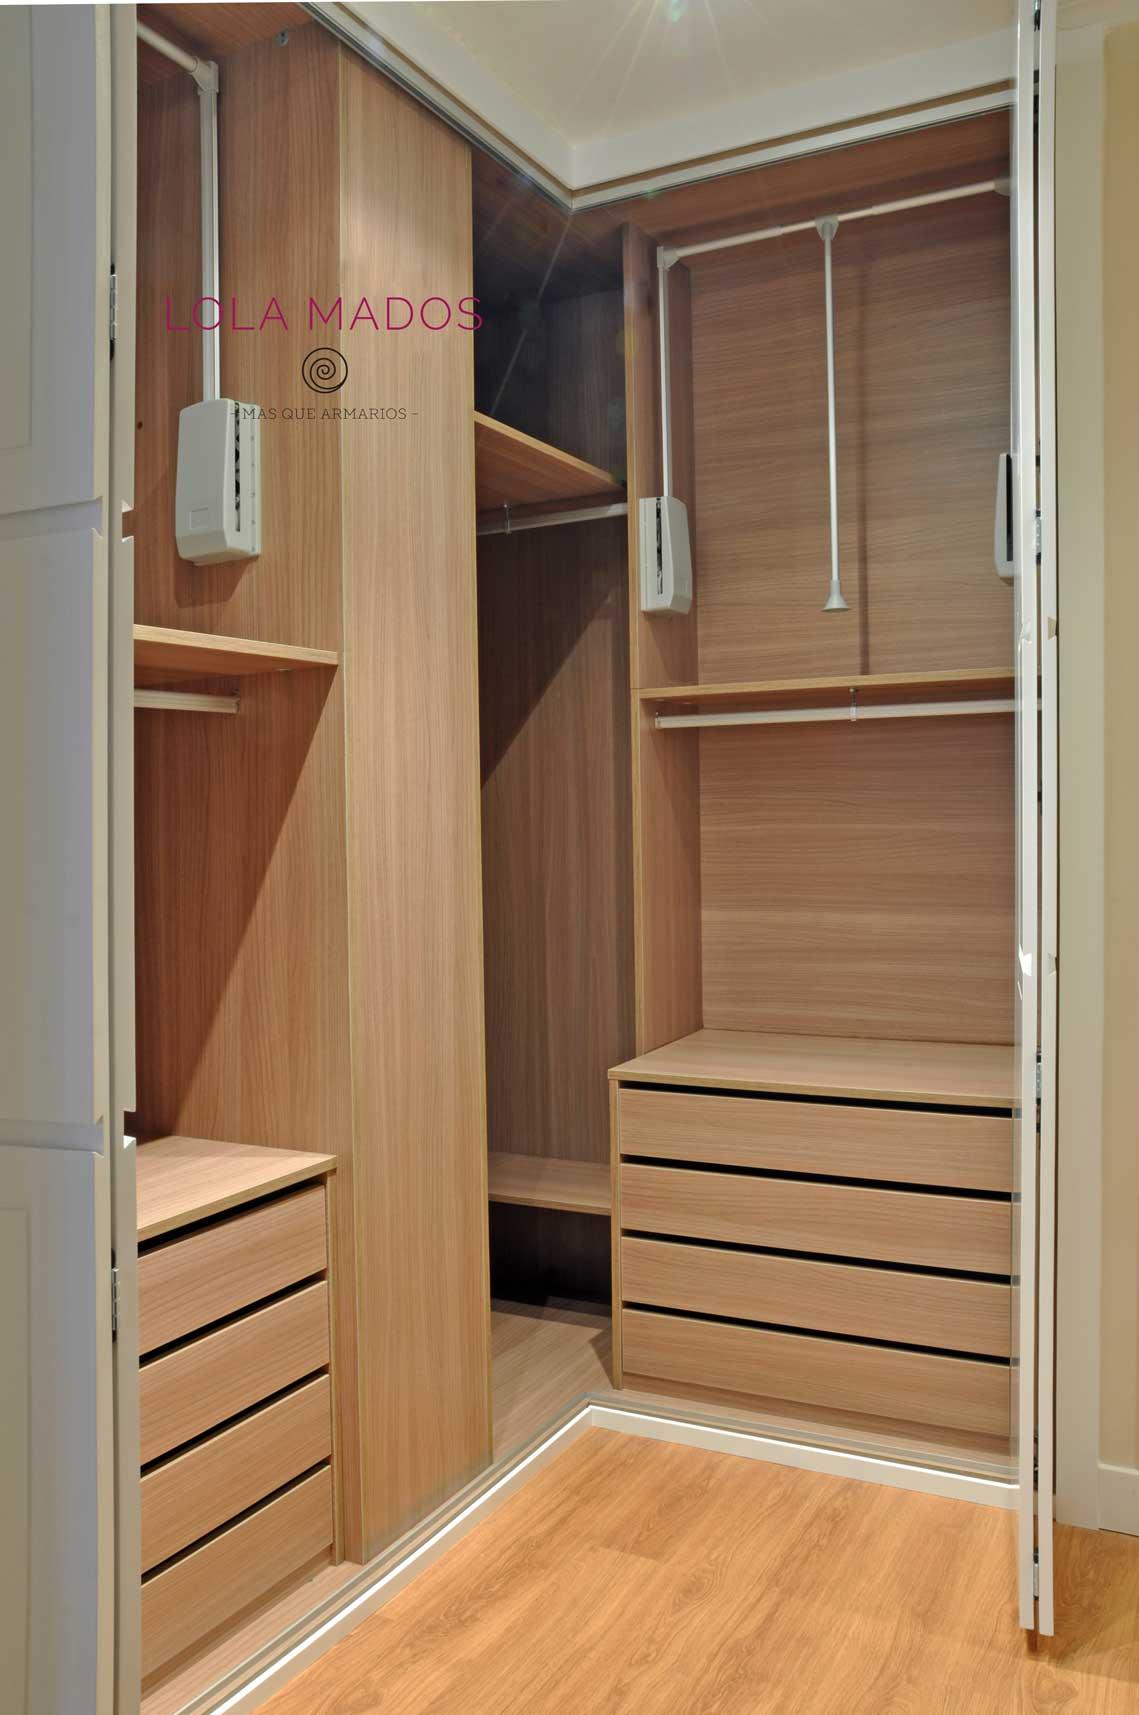 Hacer interior de armarios empotrados a medida blancos lola mados - Armarios empotrados esquineros ...